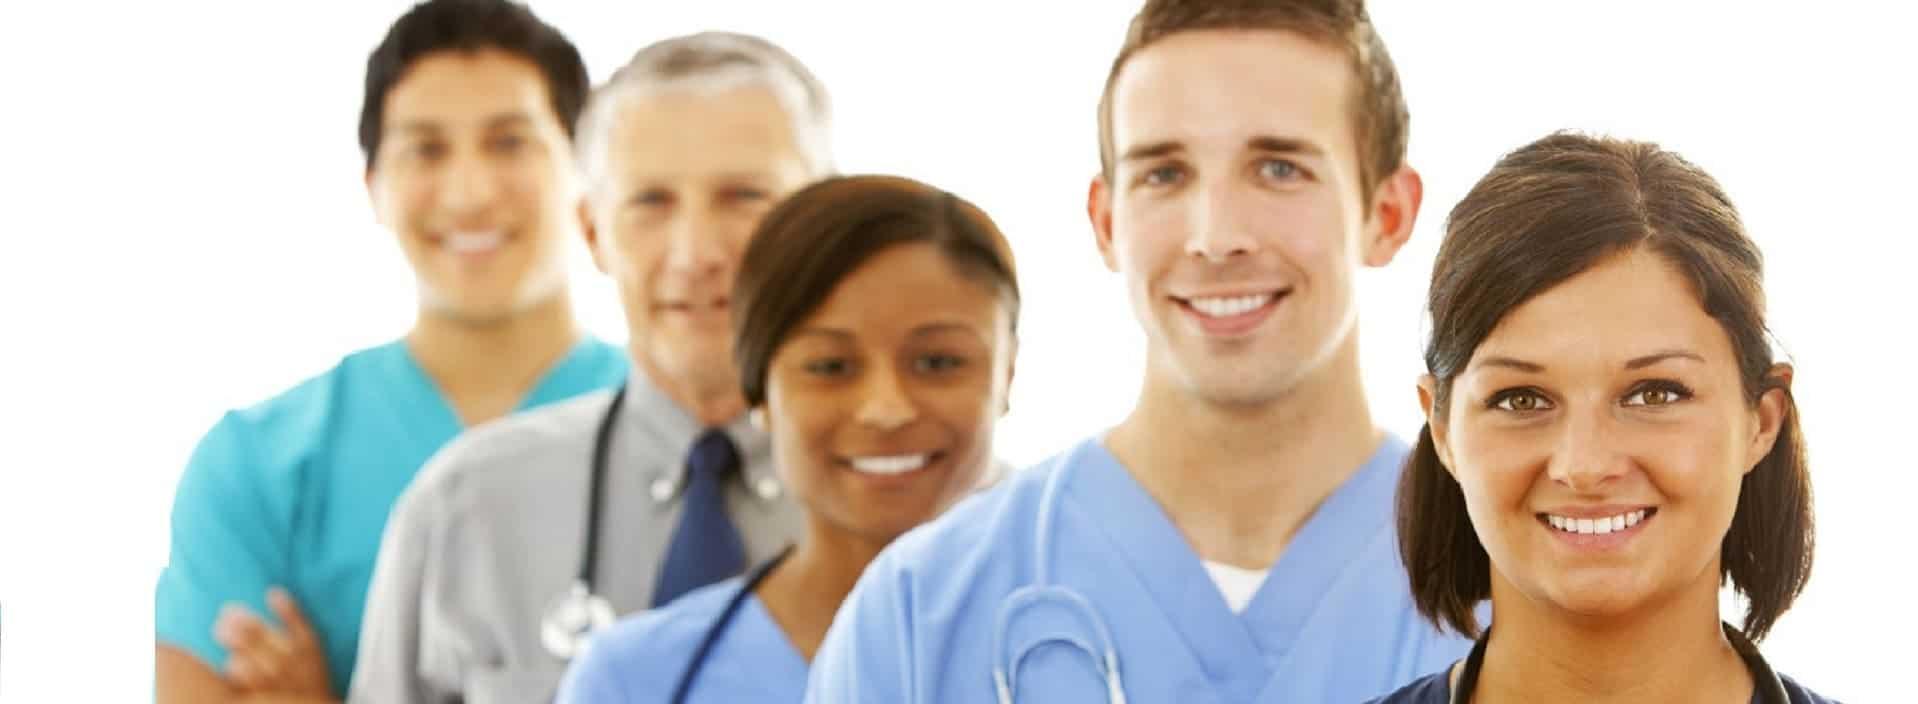 Formation a l'accueil dans les services hospitalier